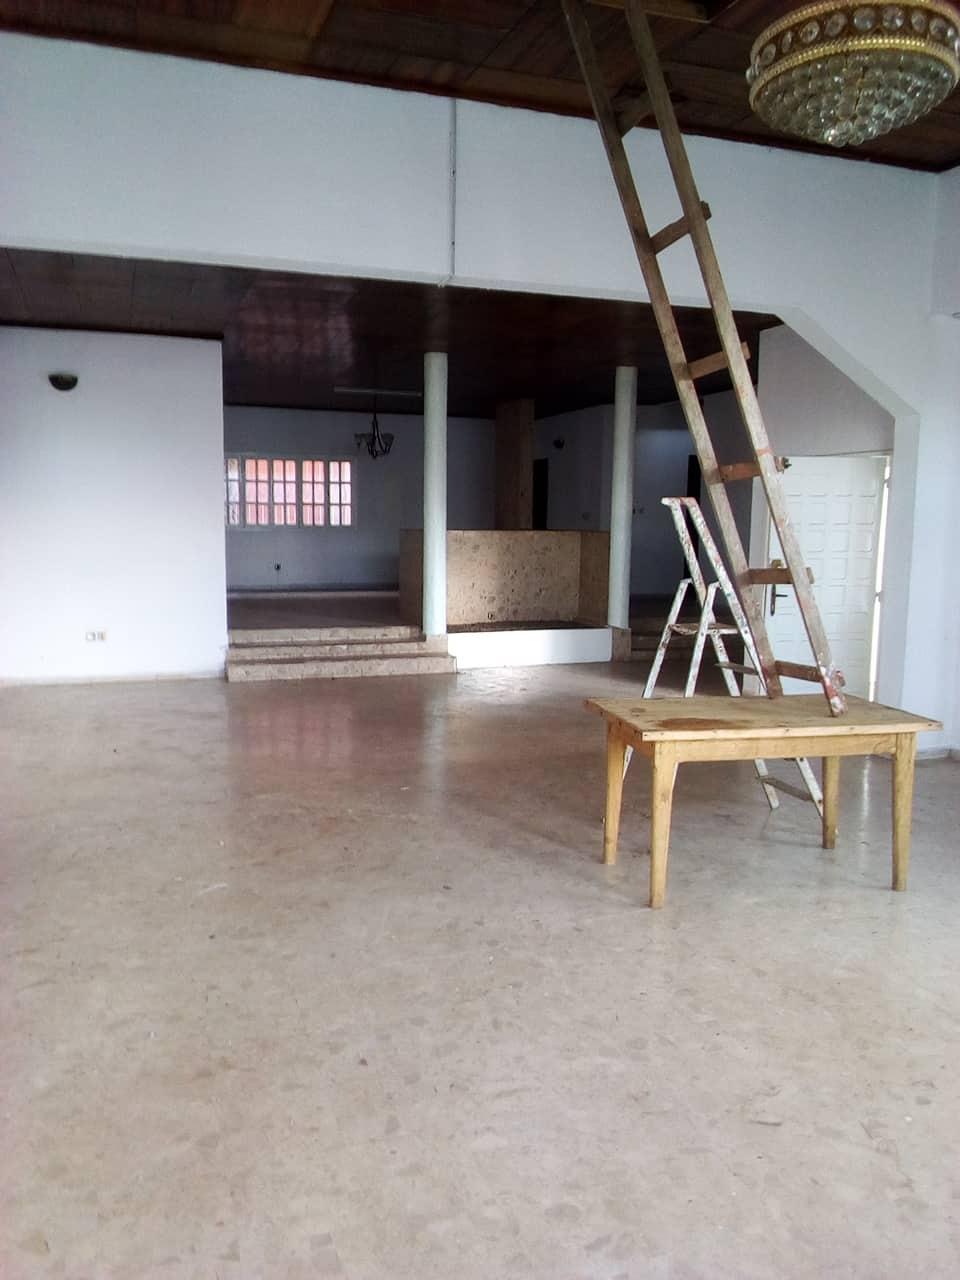 Appartement à louer - Yaoundé, Bastos, pas loin de nouvelle route - 2 salon(s), 6 chambre(s), 5 salle(s) de bains - 1 500 000 FCFA / mois